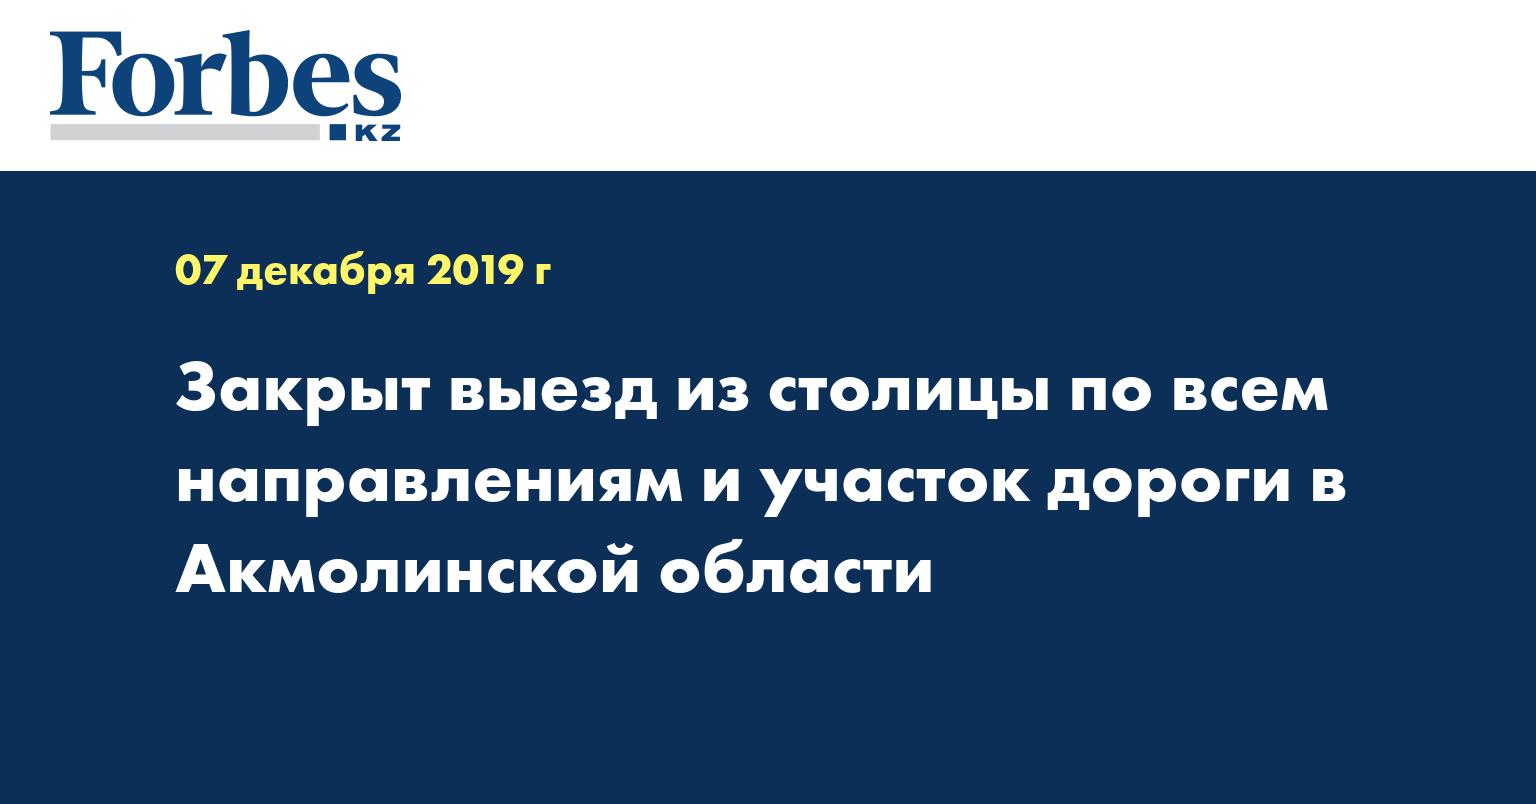 Закрыт выезд из столицы по всем направлениям и участок дороги в Акмолинской области